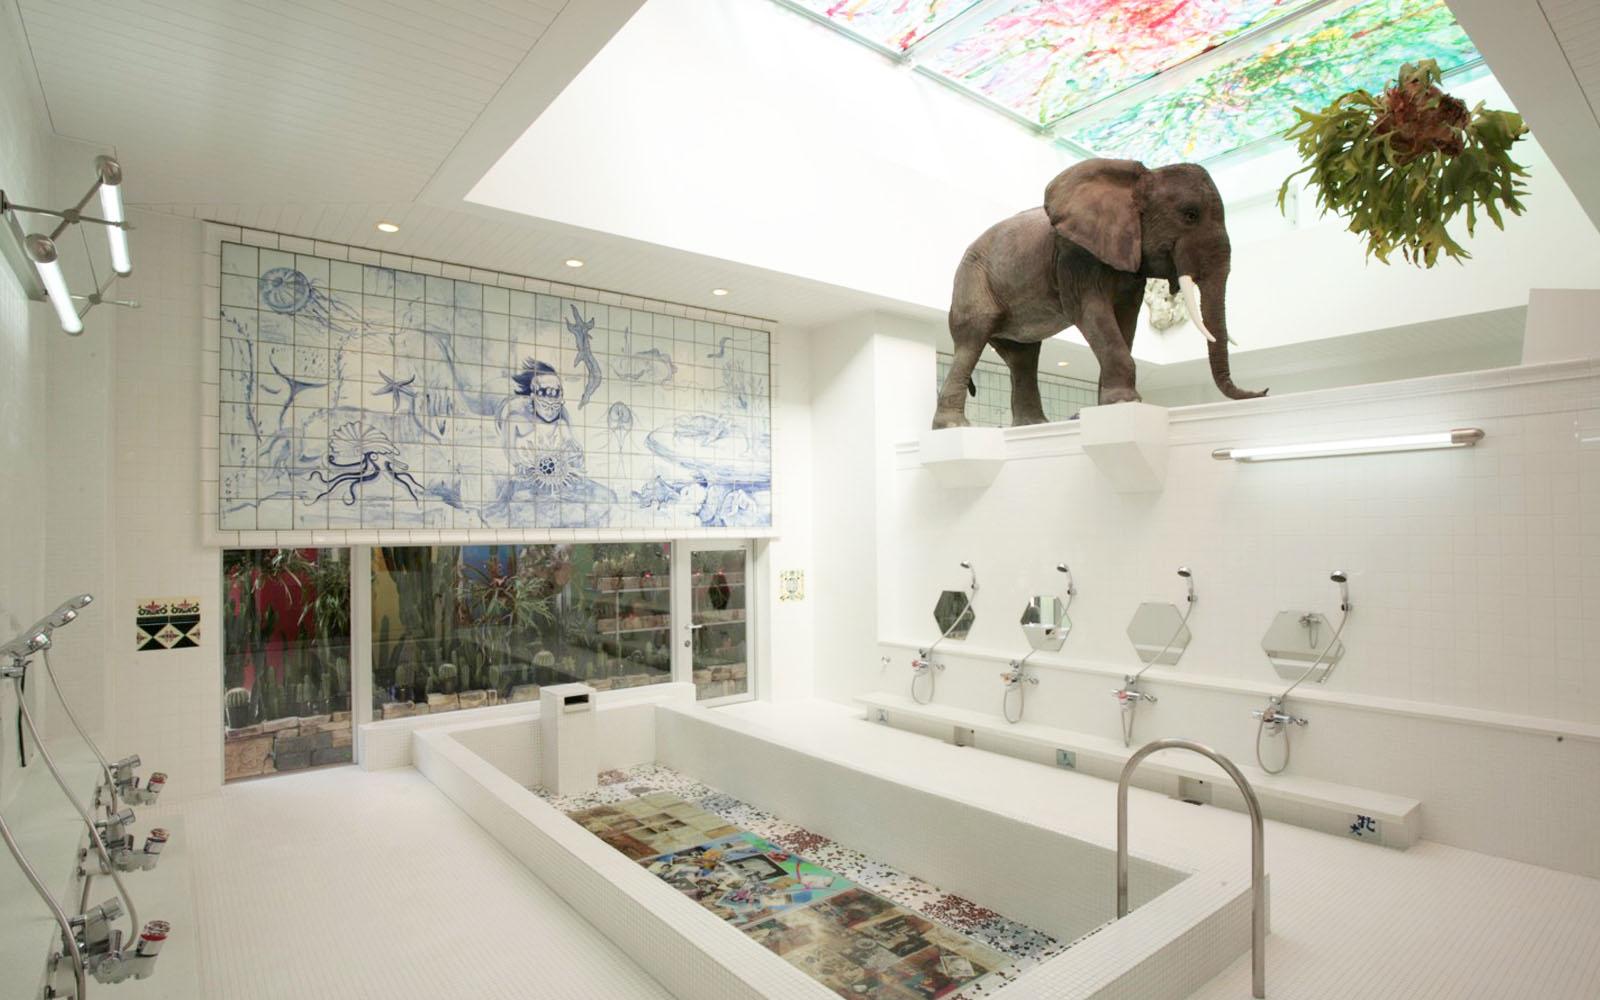 Il bagno termale 'artistico' Bath I Love Yu di Naoshima.